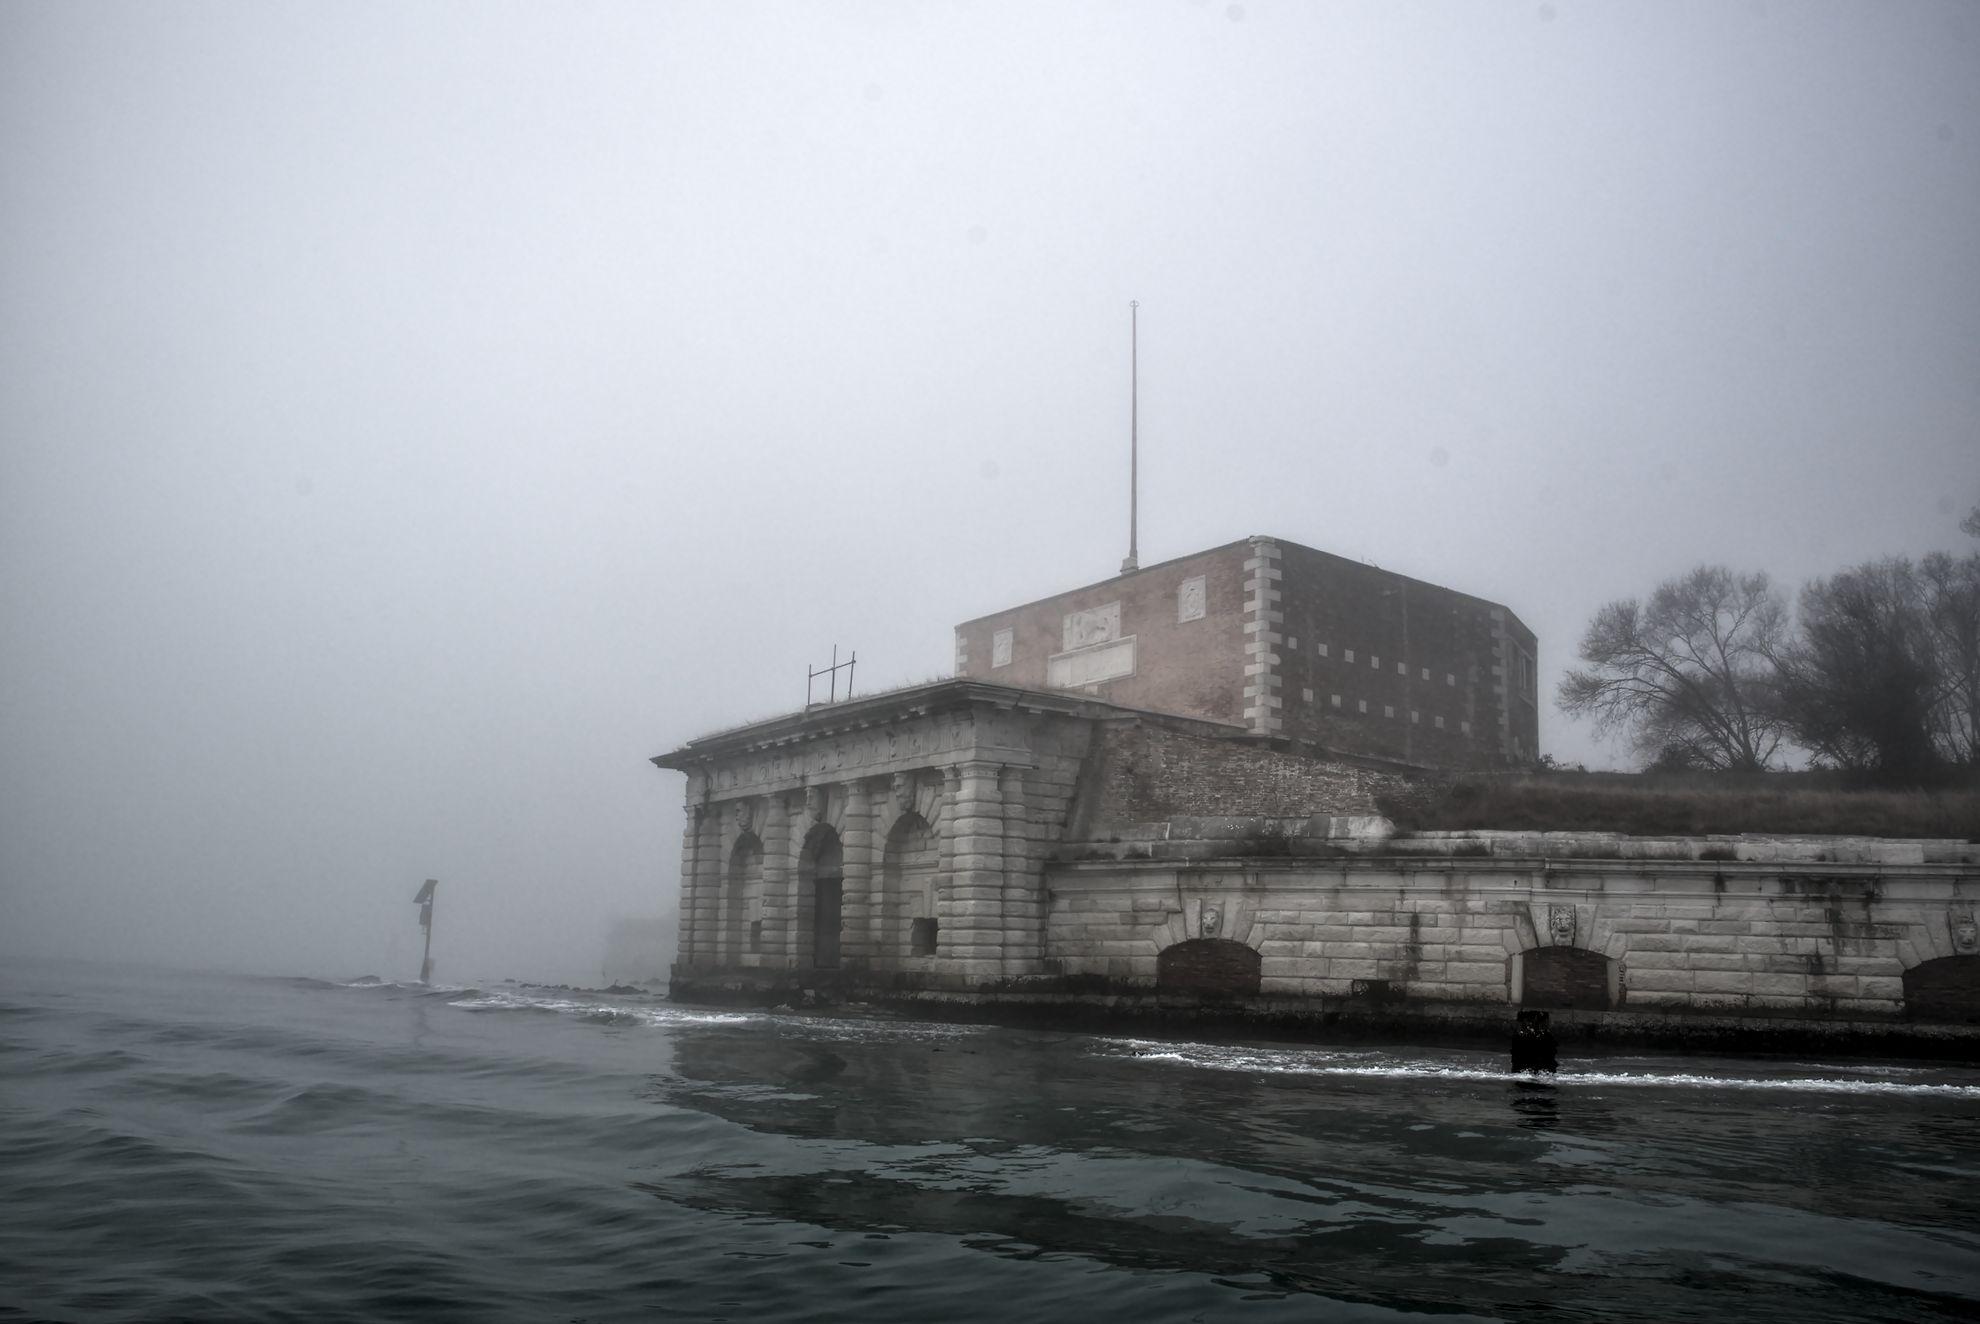 The Venetian lagoon on the fog - Sant'Andrea